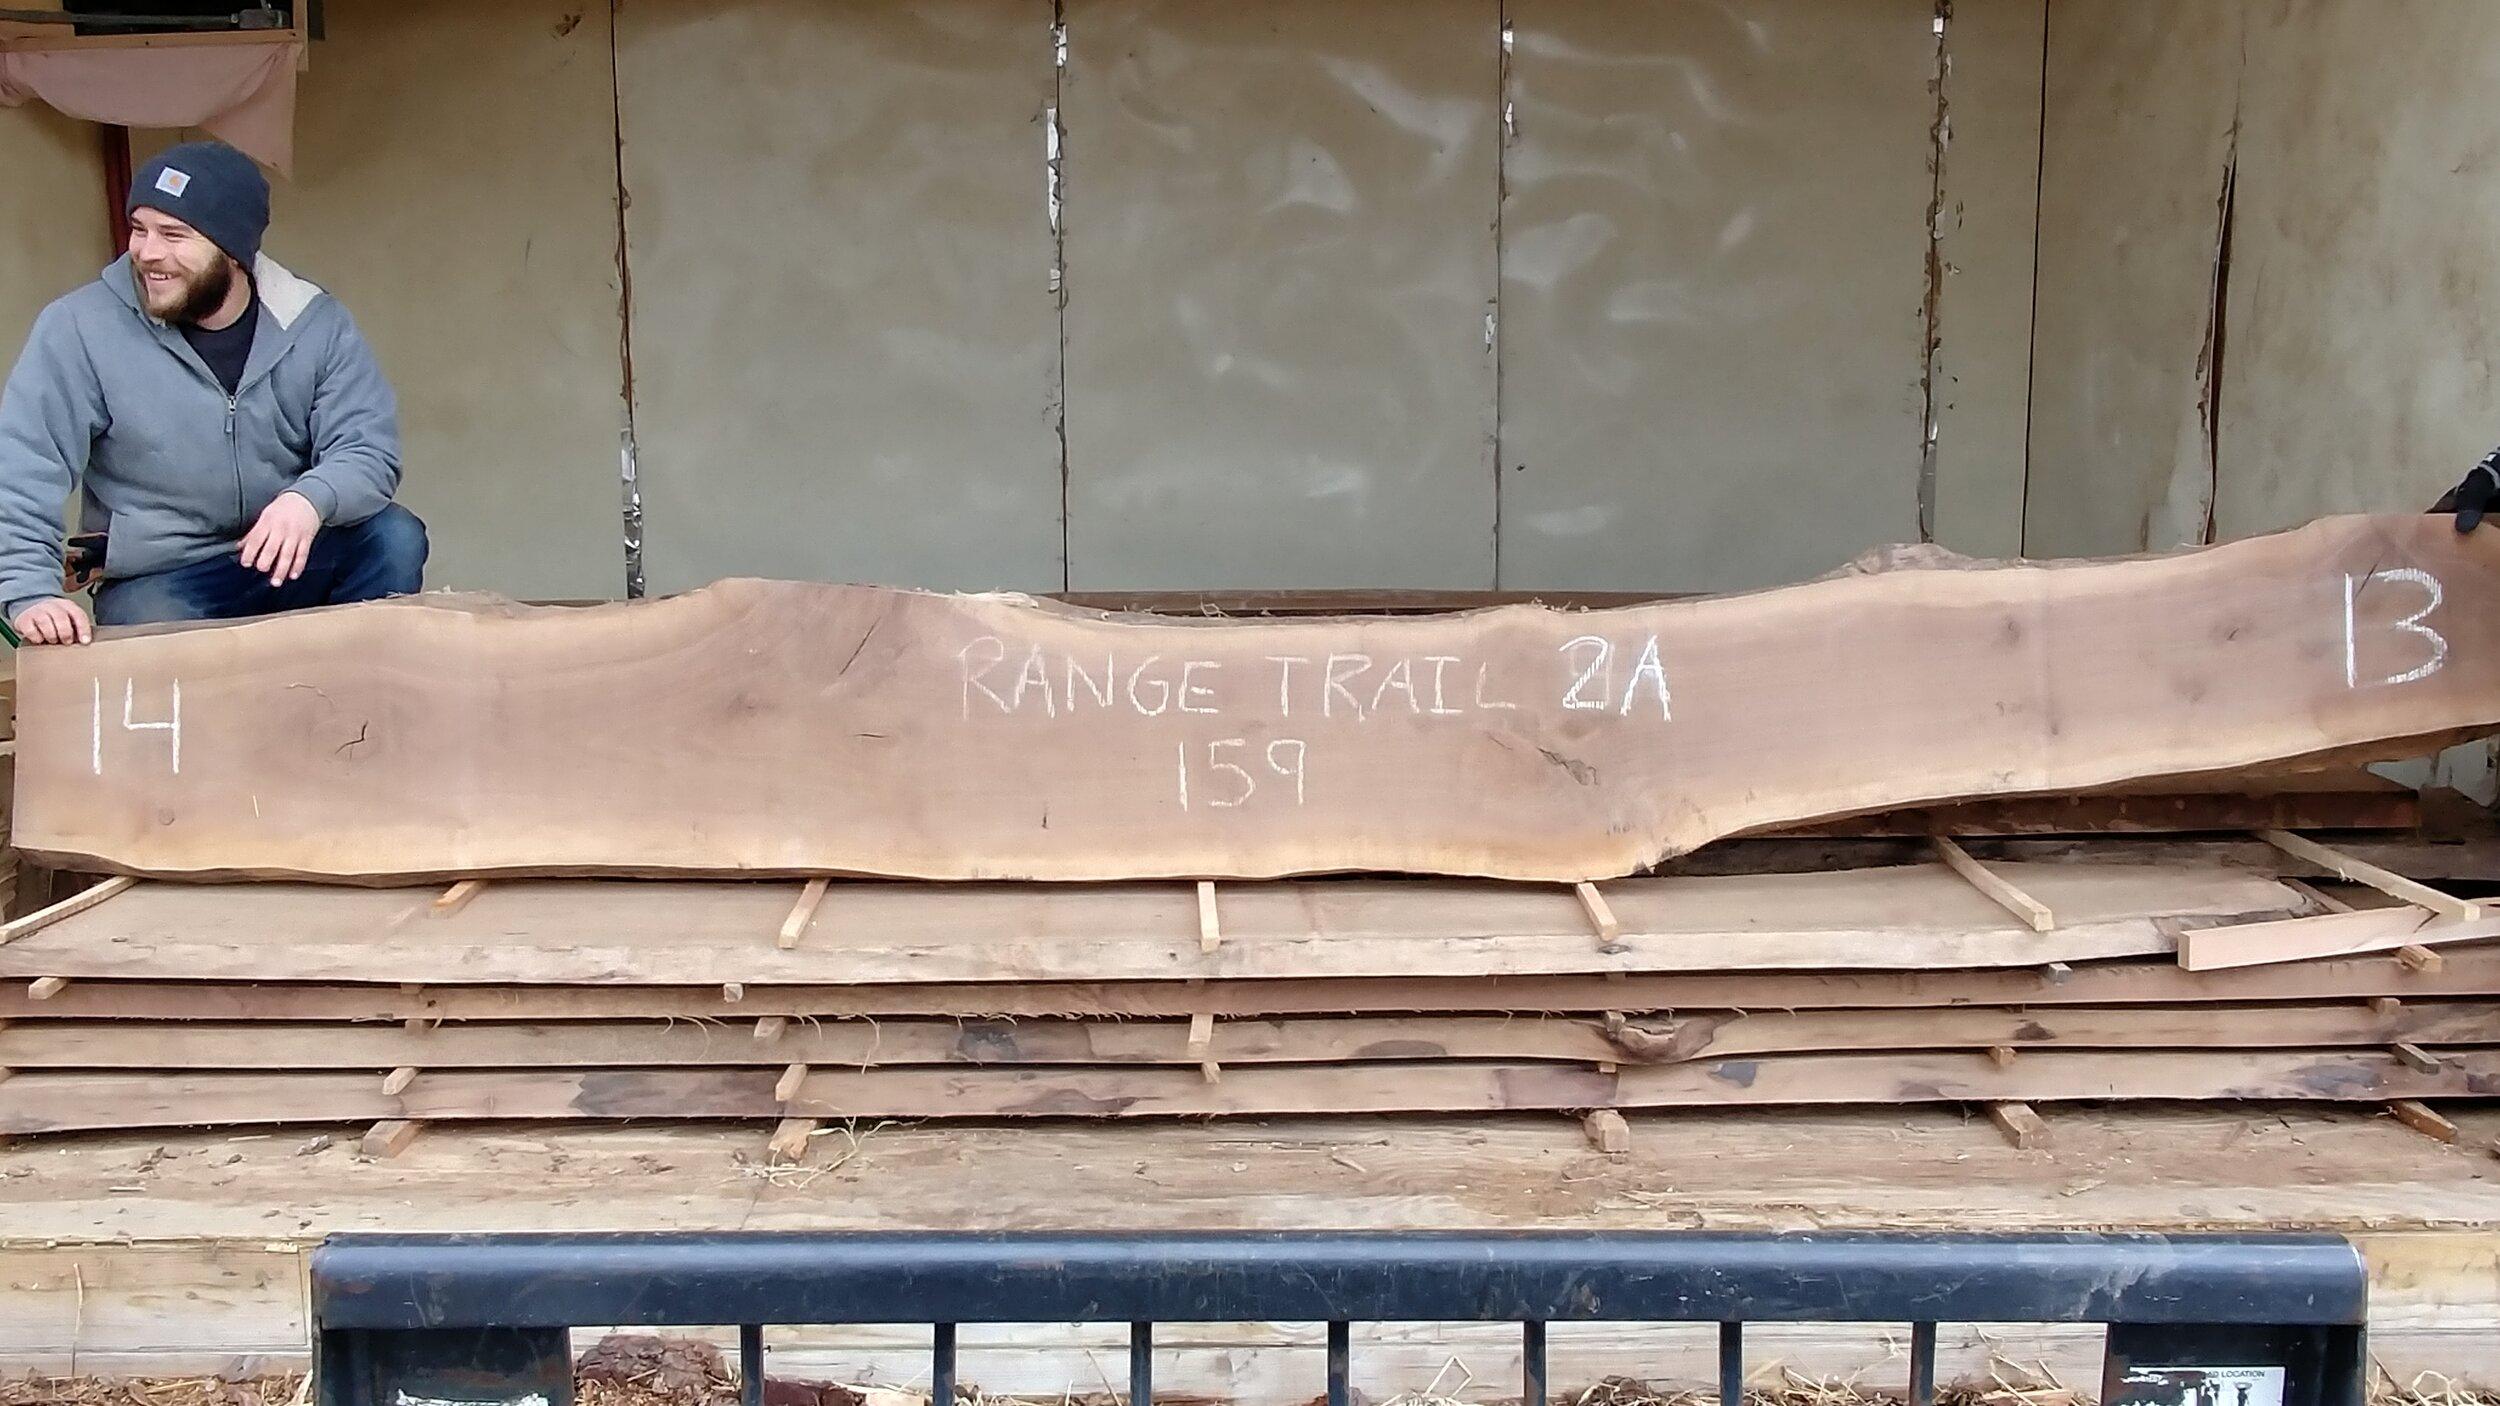 Range Trail 2A.jpg